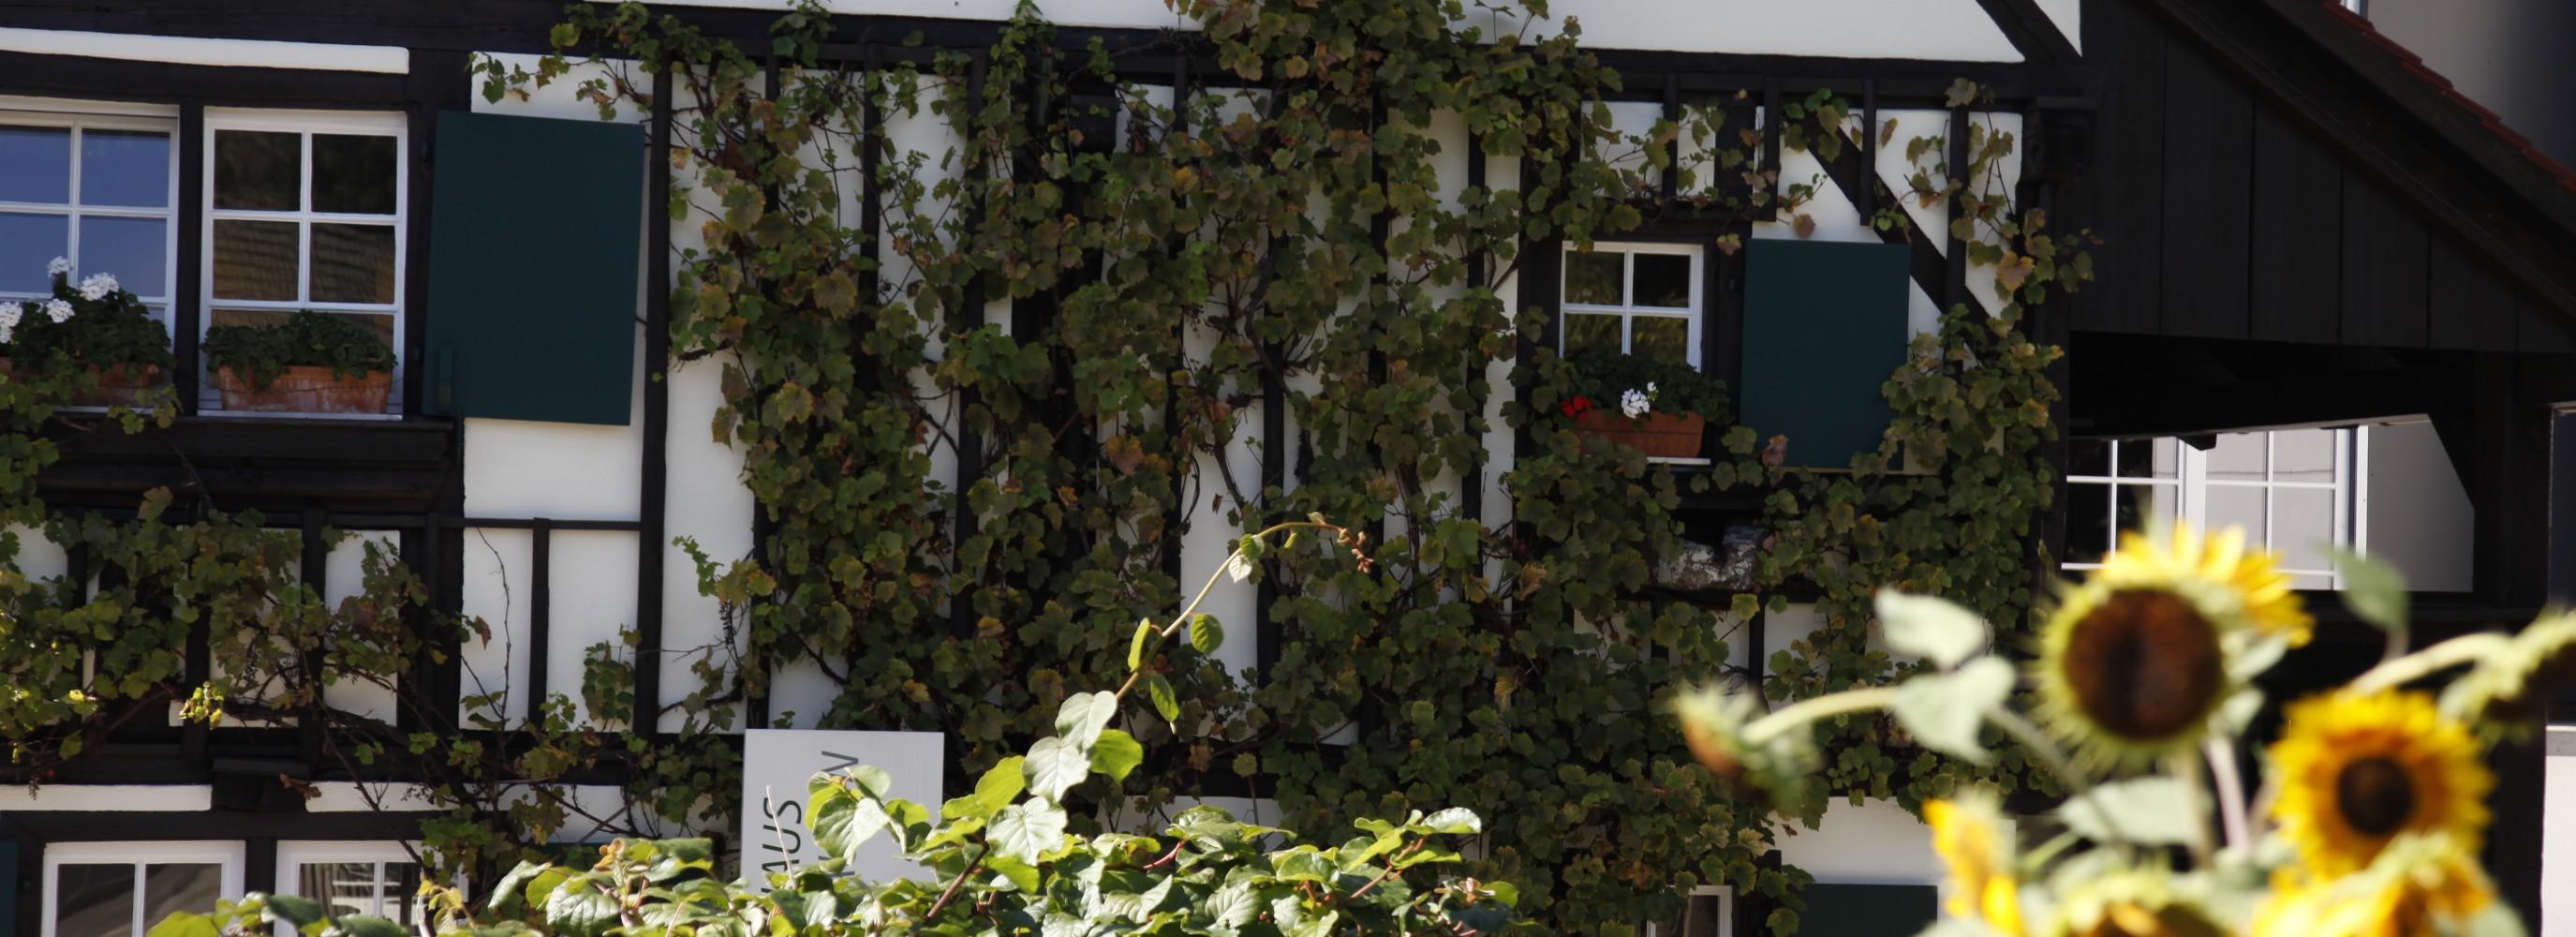 Hebelhaus in Hausen im Wiesental mit Sonnenblumen